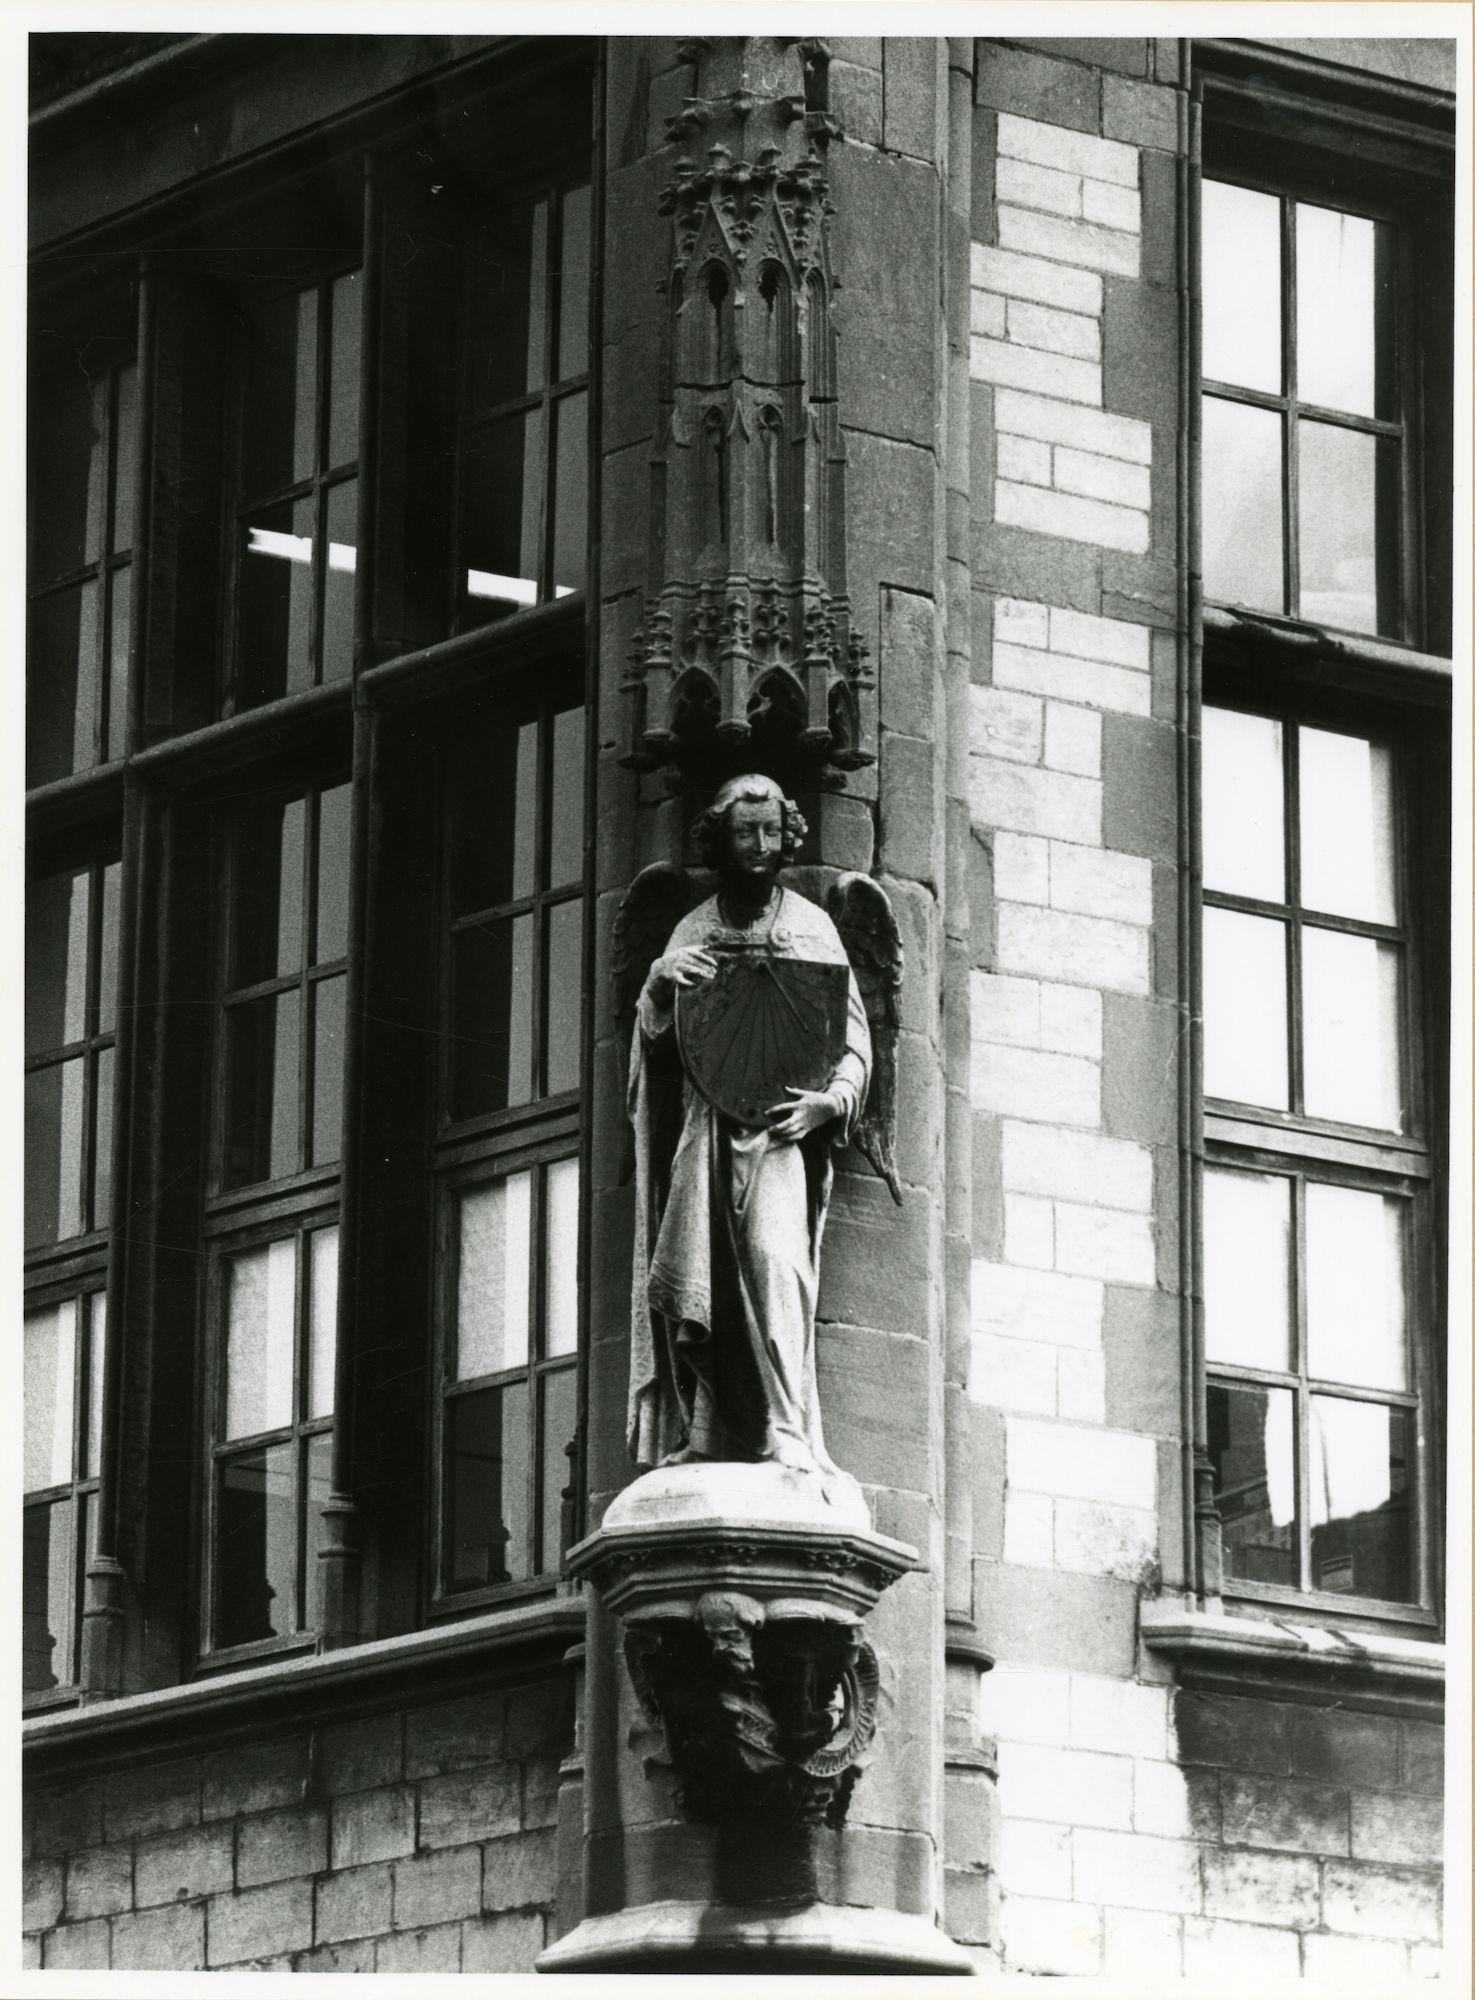 Gent: Graslei: Postgebouw: nisbeeld: engel met zonnewijzer